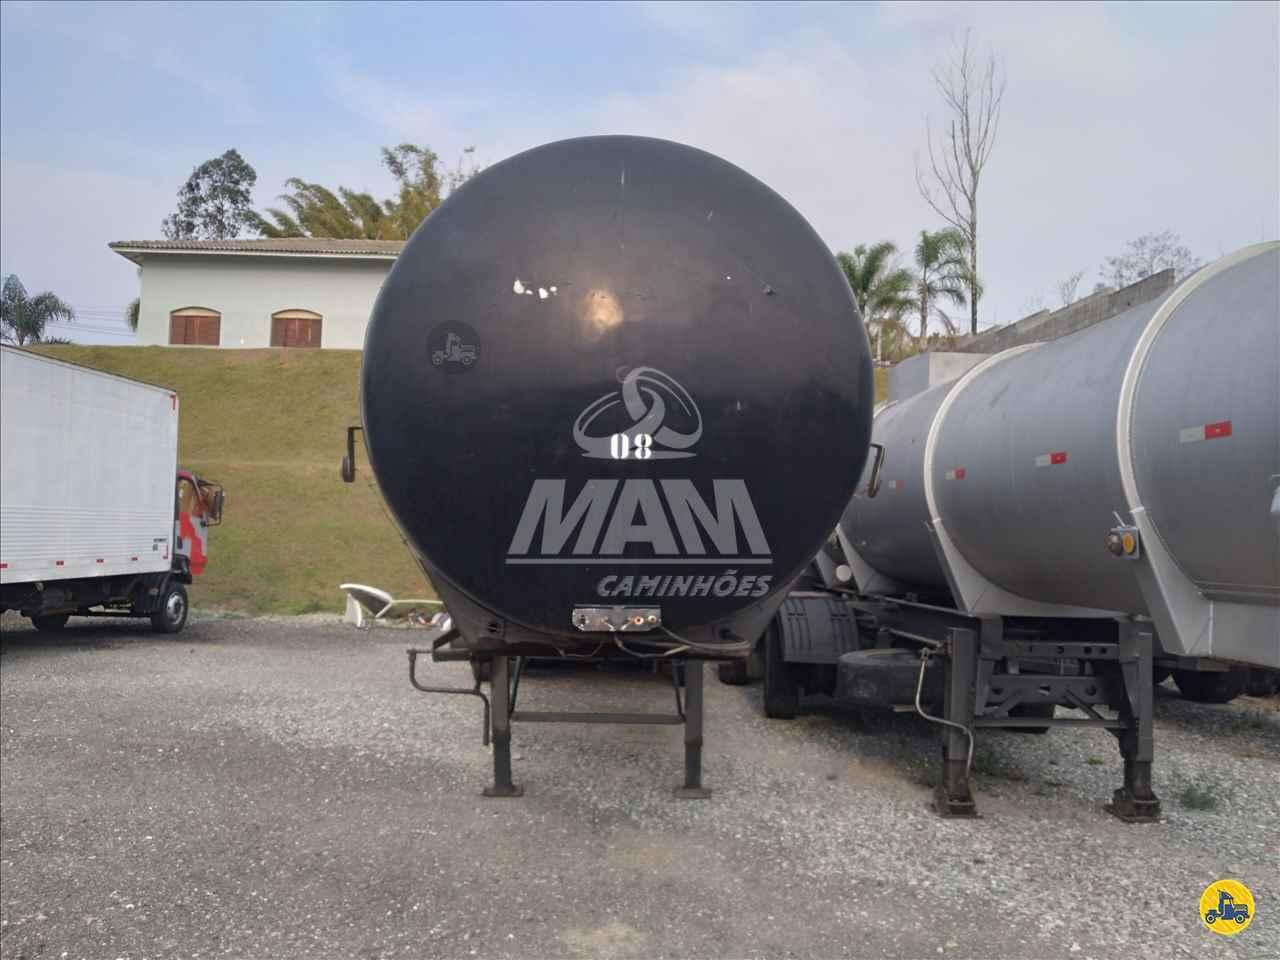 CARRETA SEMI-REBOQUE TANQUE INOX MAM Caminhões JUNDIAI SÃO PAULO SP